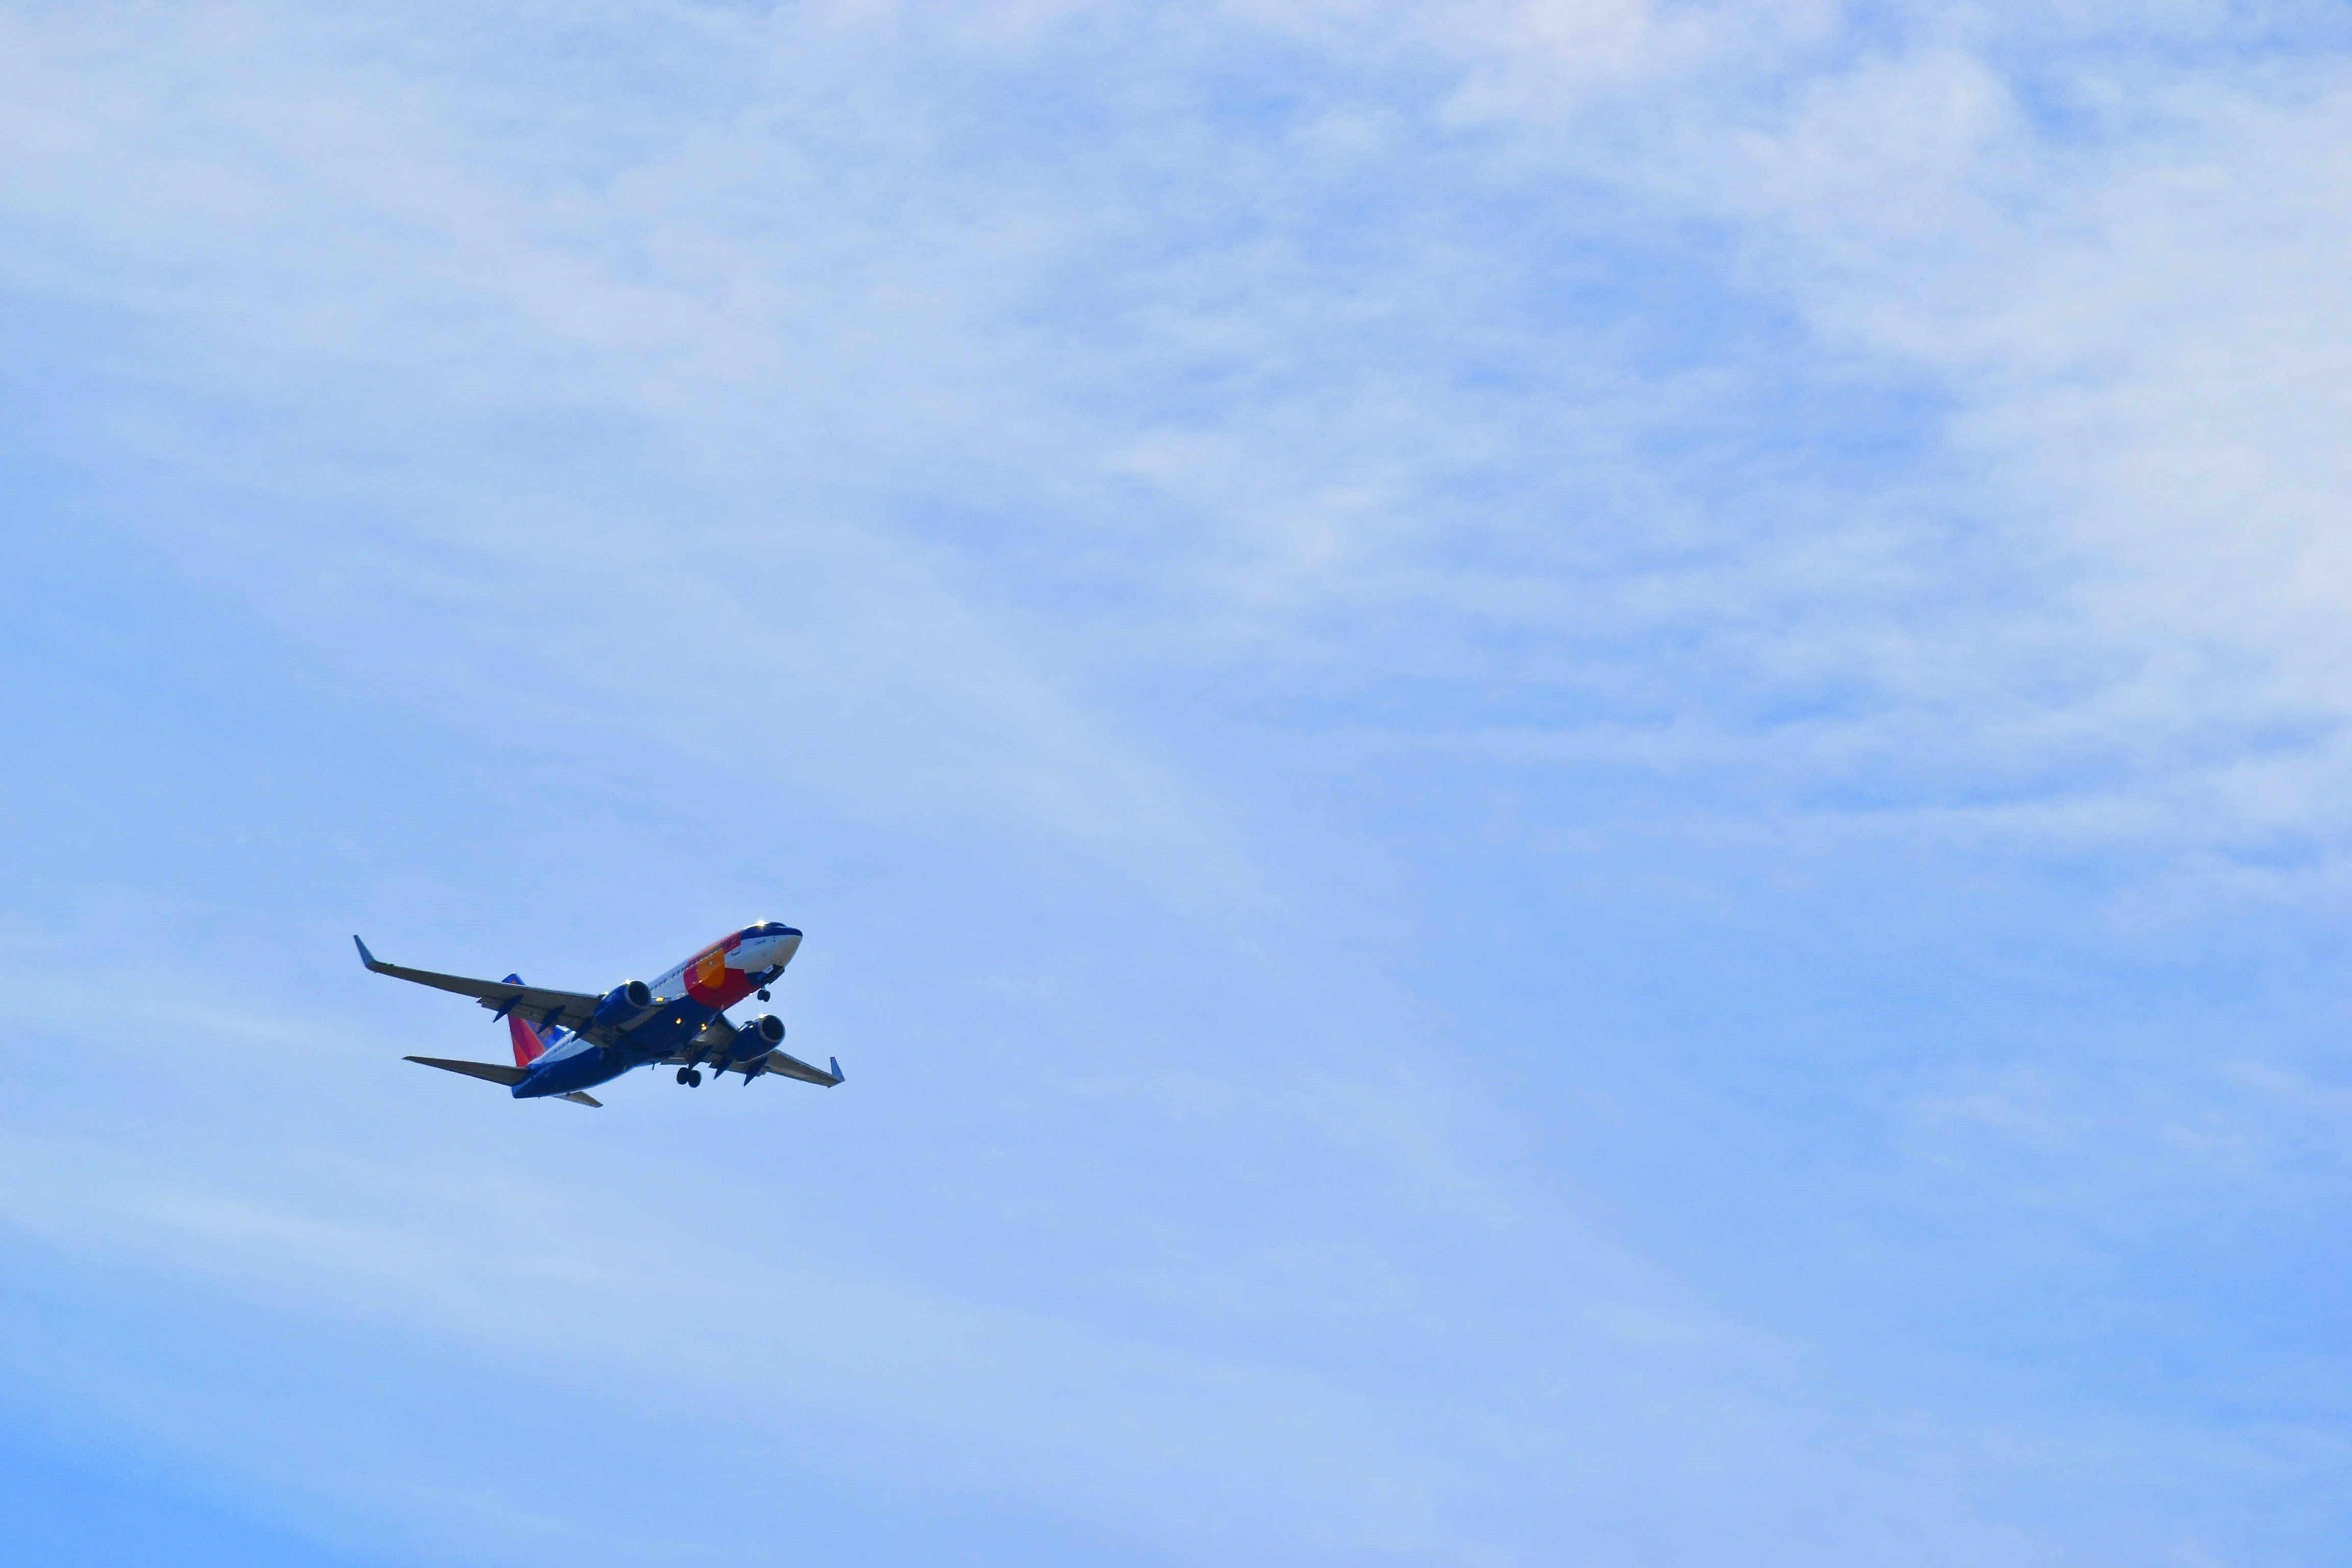 Gratis stockfoto met daglicht, hemel, luchtvaart, vliegen